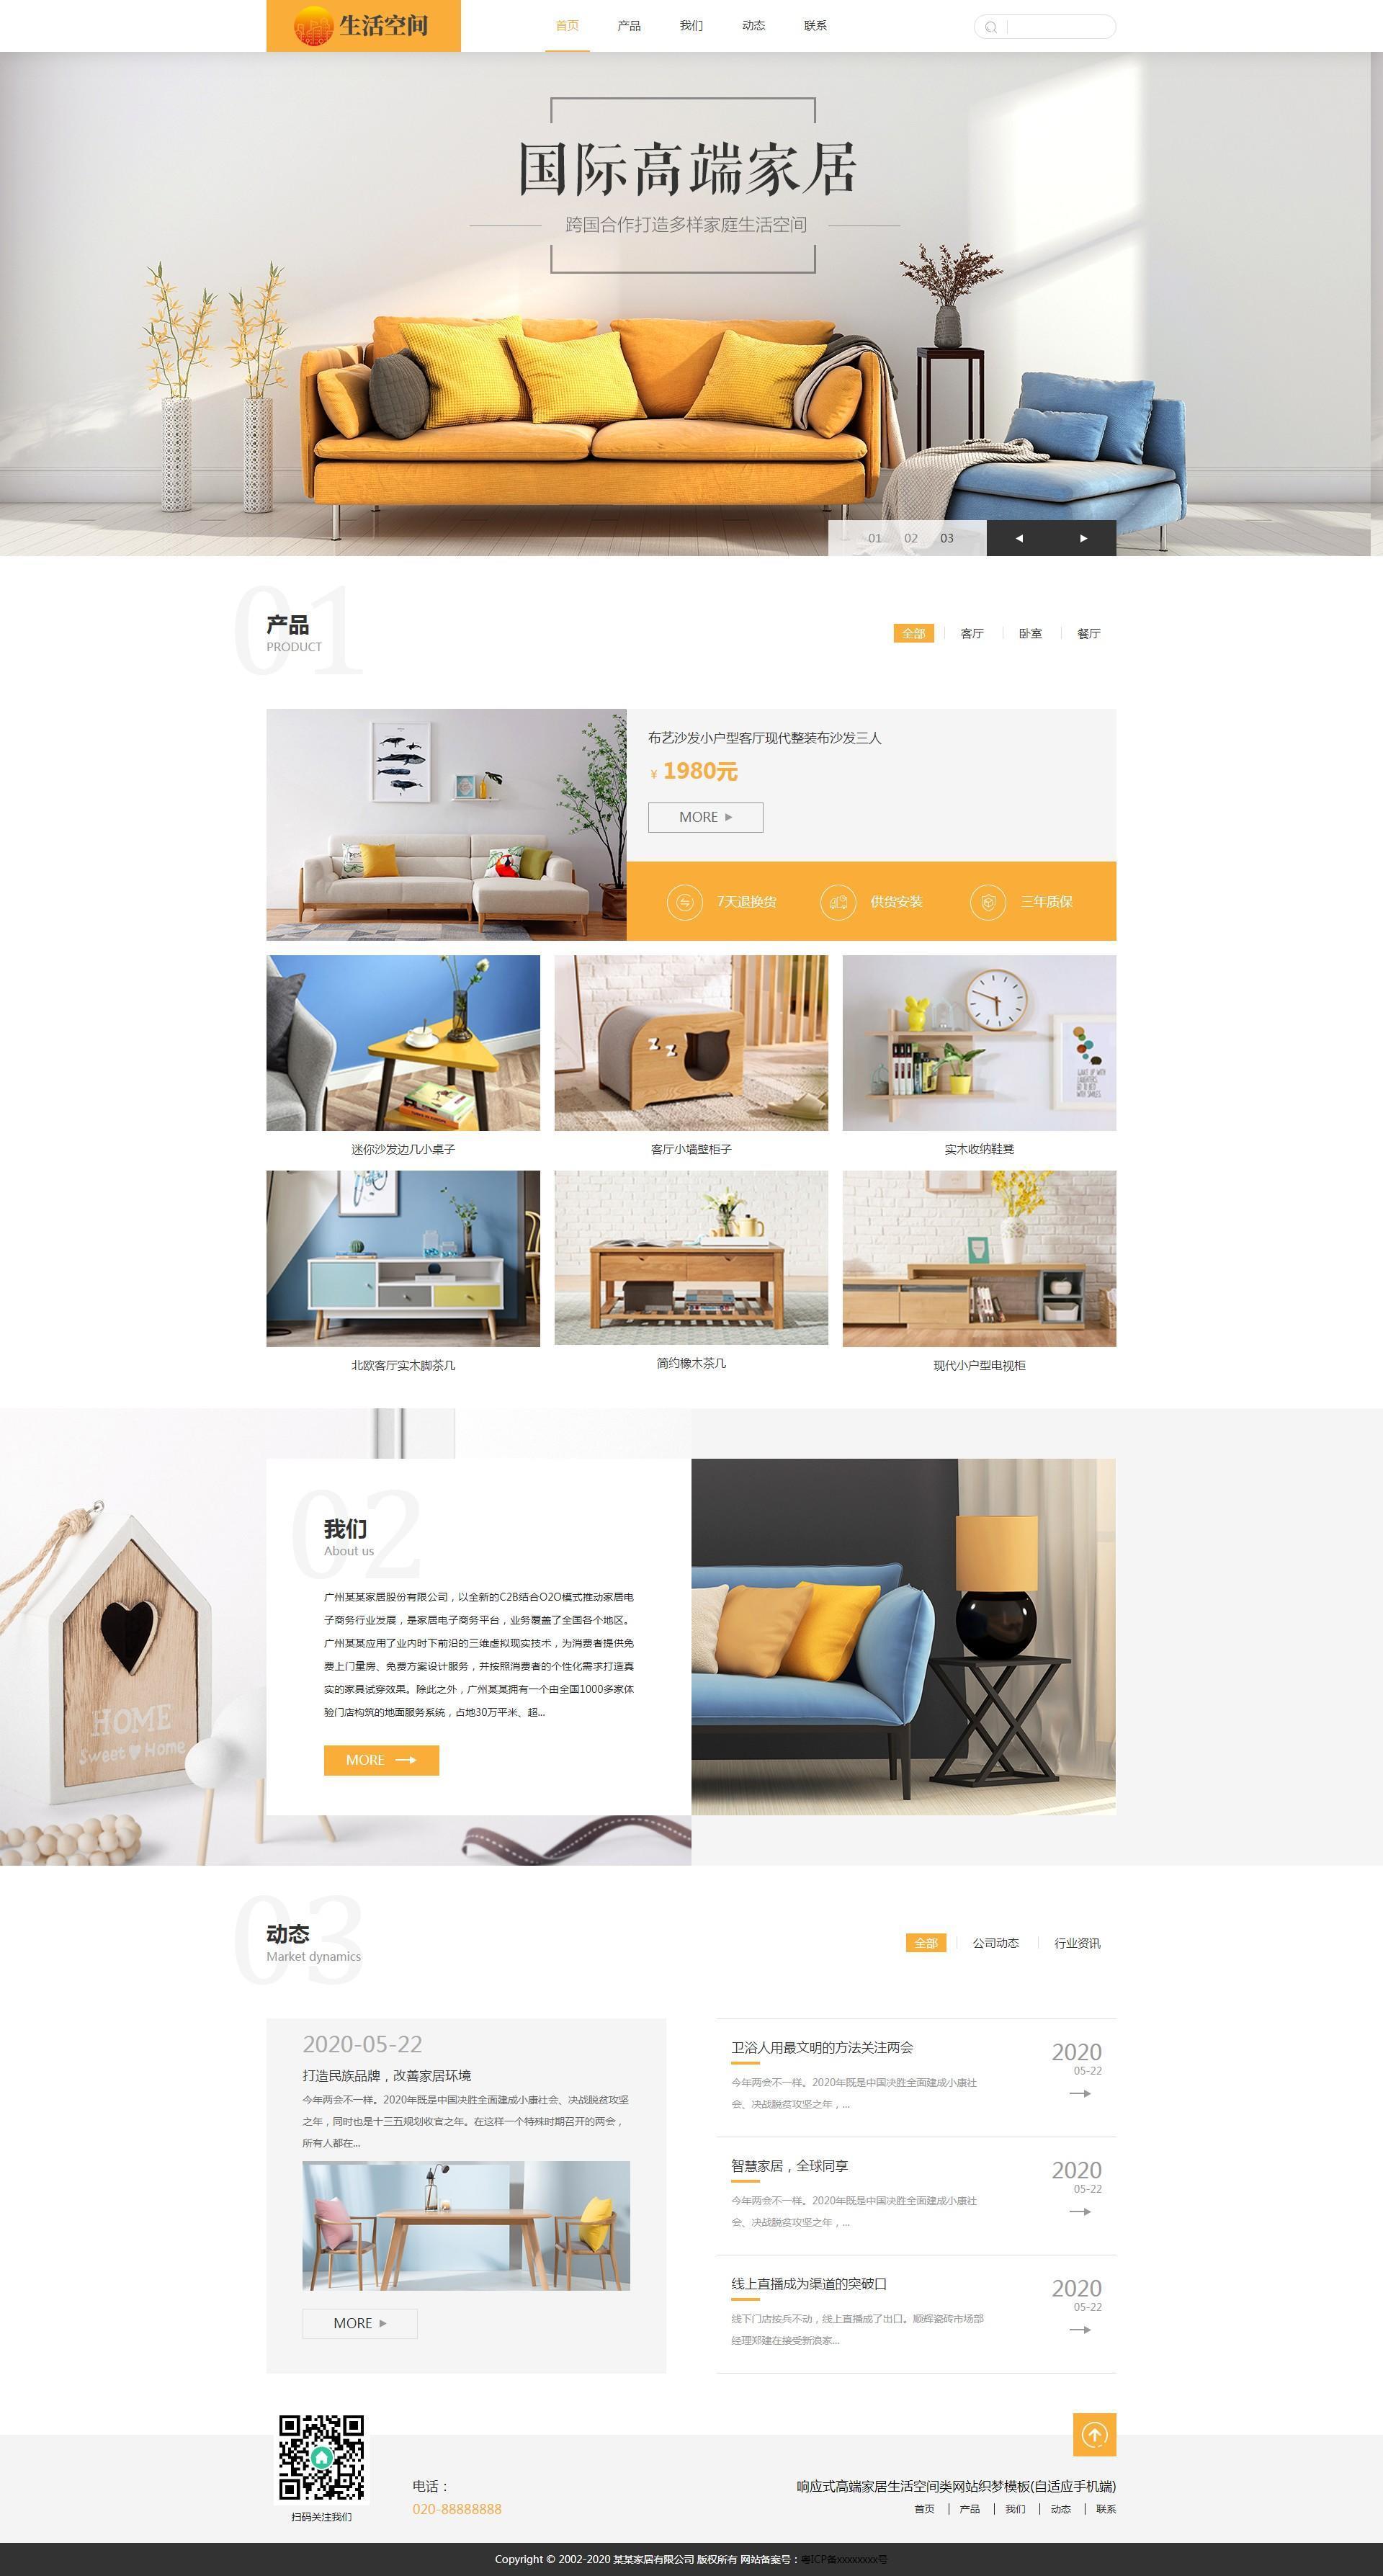 织梦模板源码,家居企业模板,家居生活家具木器源码,响应式高端空间产品展示类网站插图